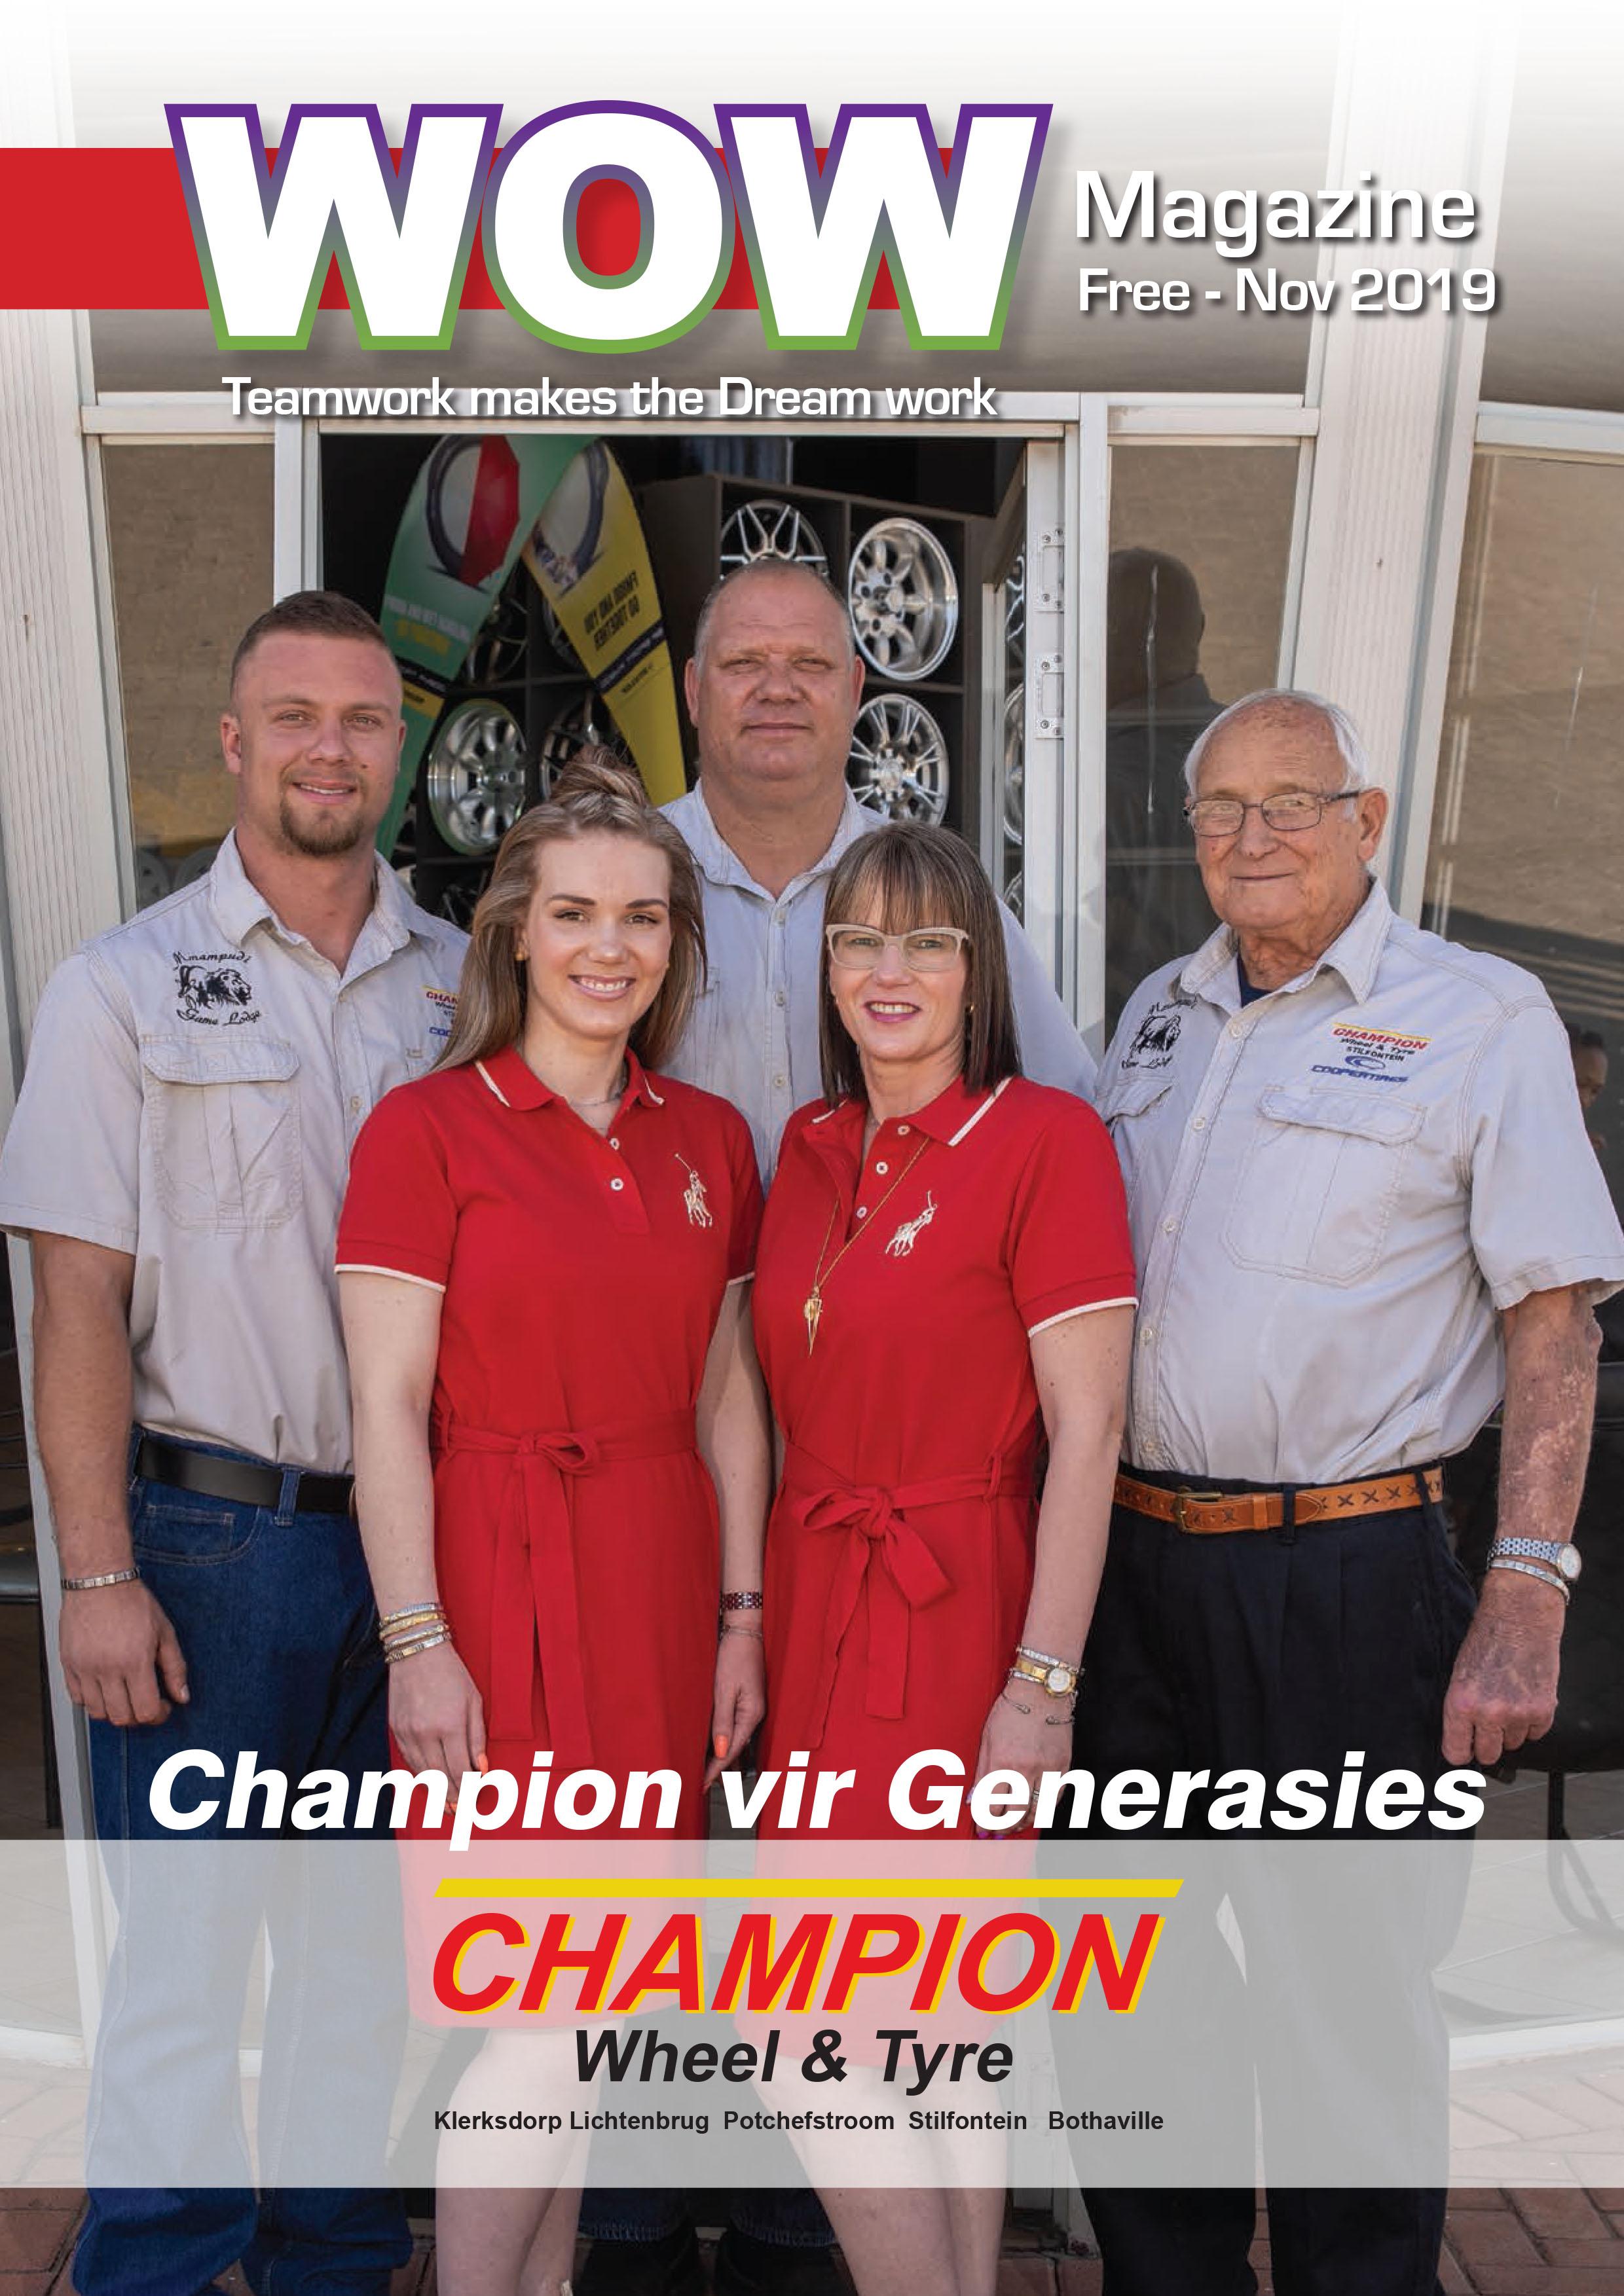 Champion vir Generasies